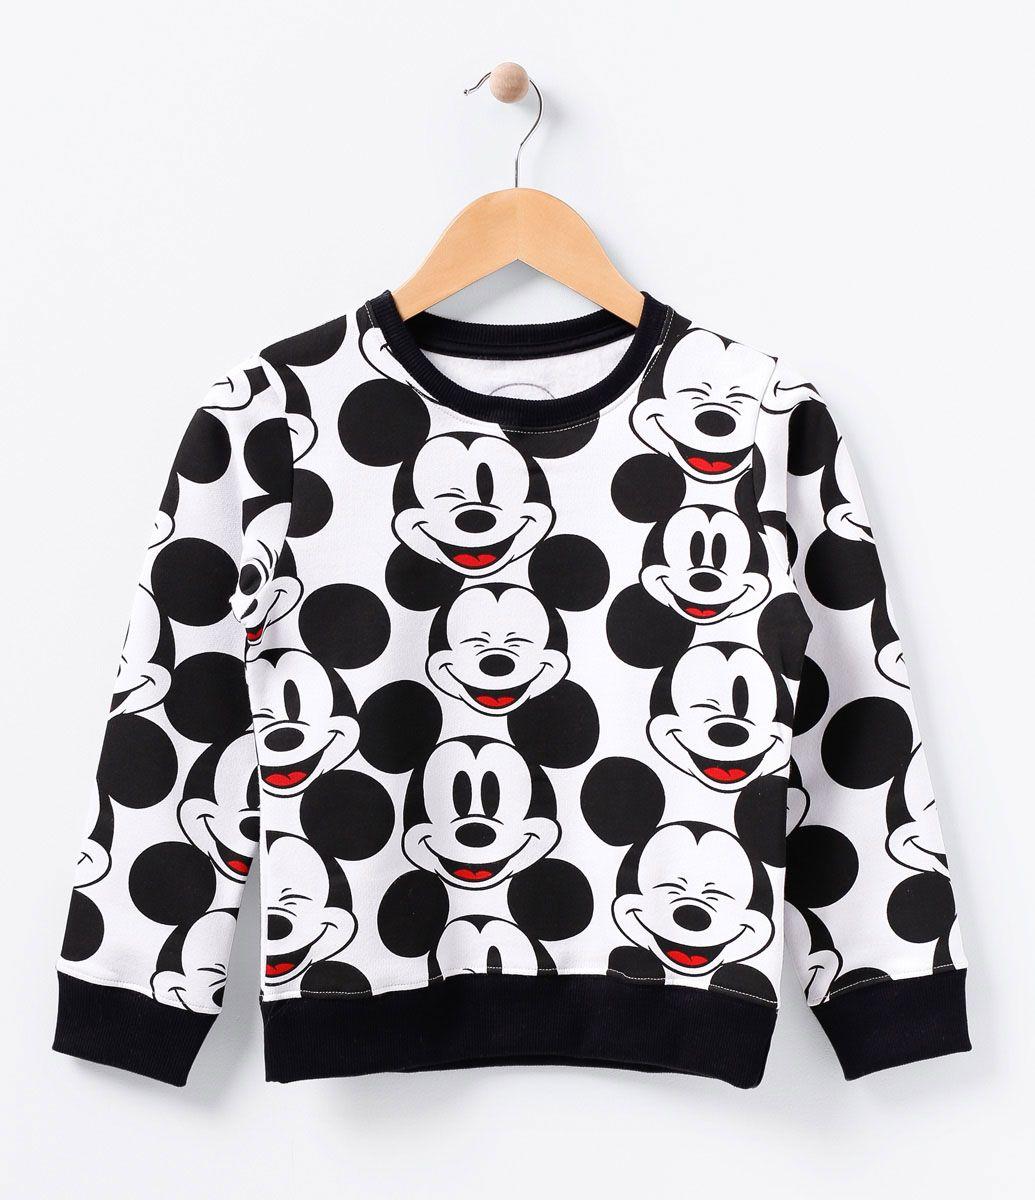 Blusão Infantil Manga longa Gola redonda Estampado Marca  Mickey Mouse  Tecido  moletom Composição  100% algodão COLEÇÃO INVERNO 2016 Veja mais  opções de ... 9cc4e123f0b